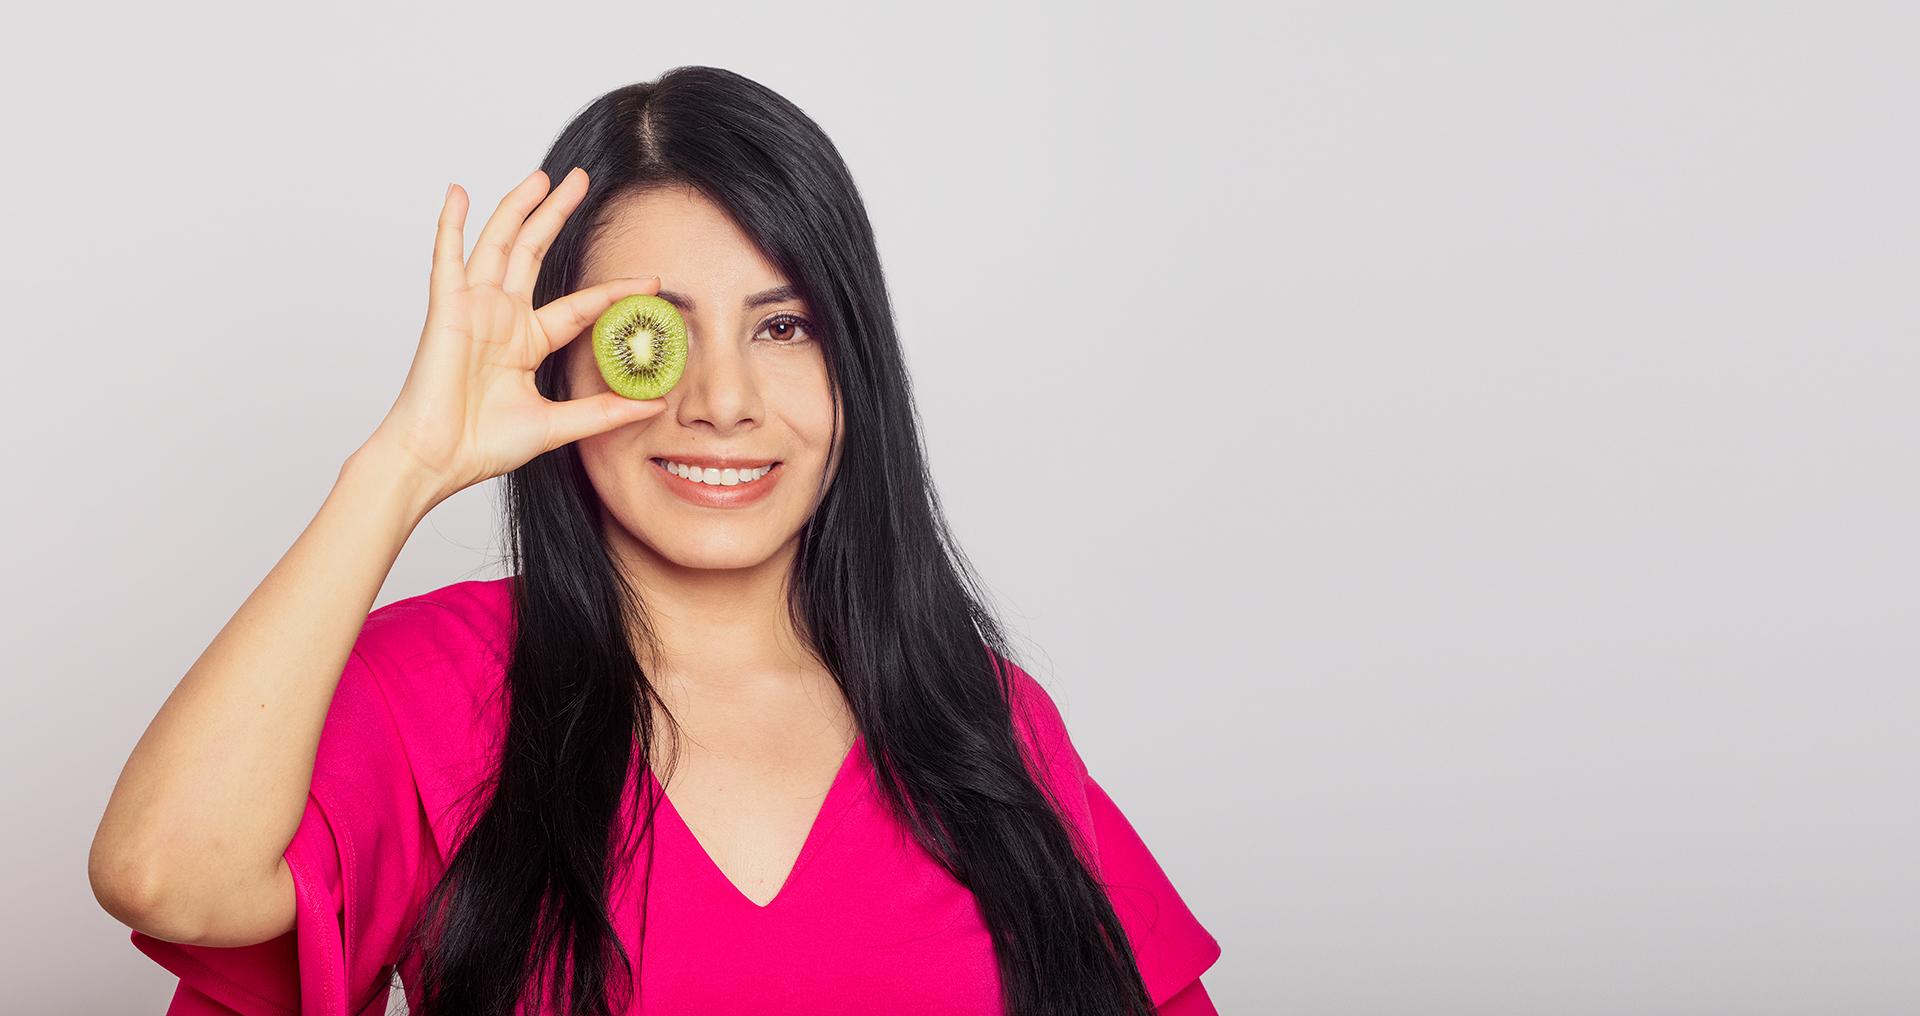 Nutrióloga con kiwi en la mano